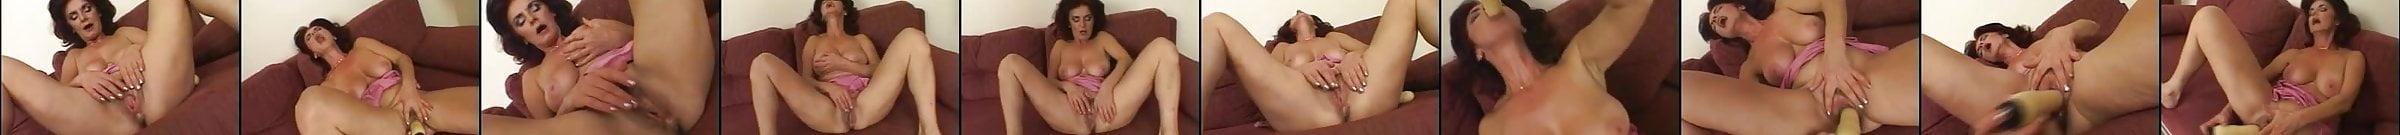 Miranda otto orgasm